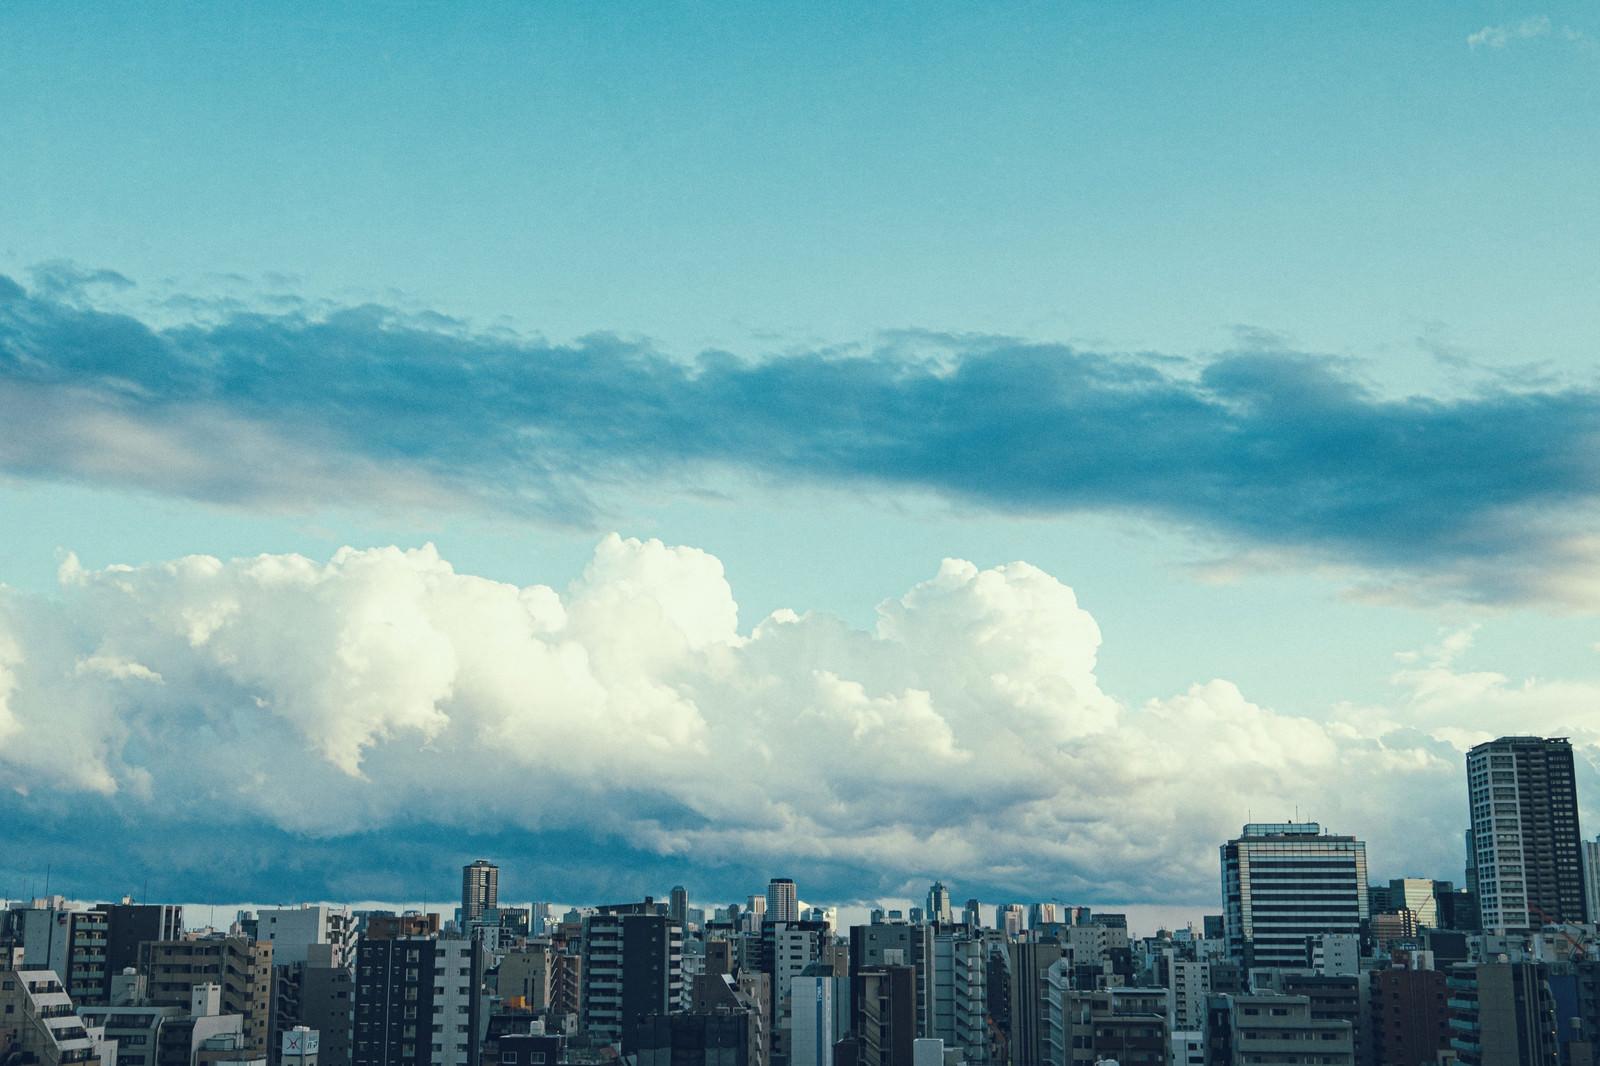 「都会のマンションと雲空」の写真